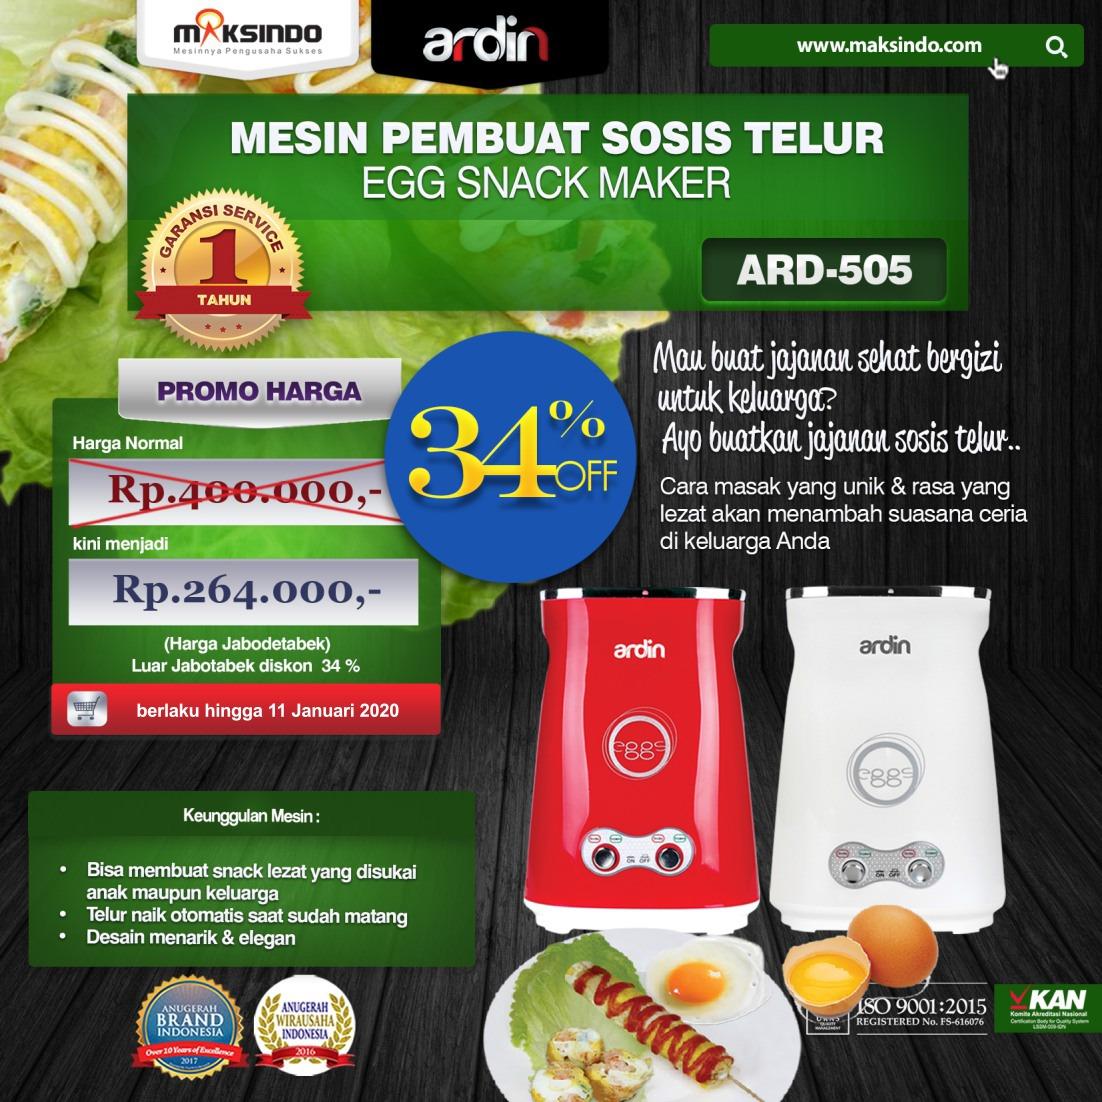 Jual Mesin Sosis Telur 2 Lubang ARDIN ARD-505 di Malang